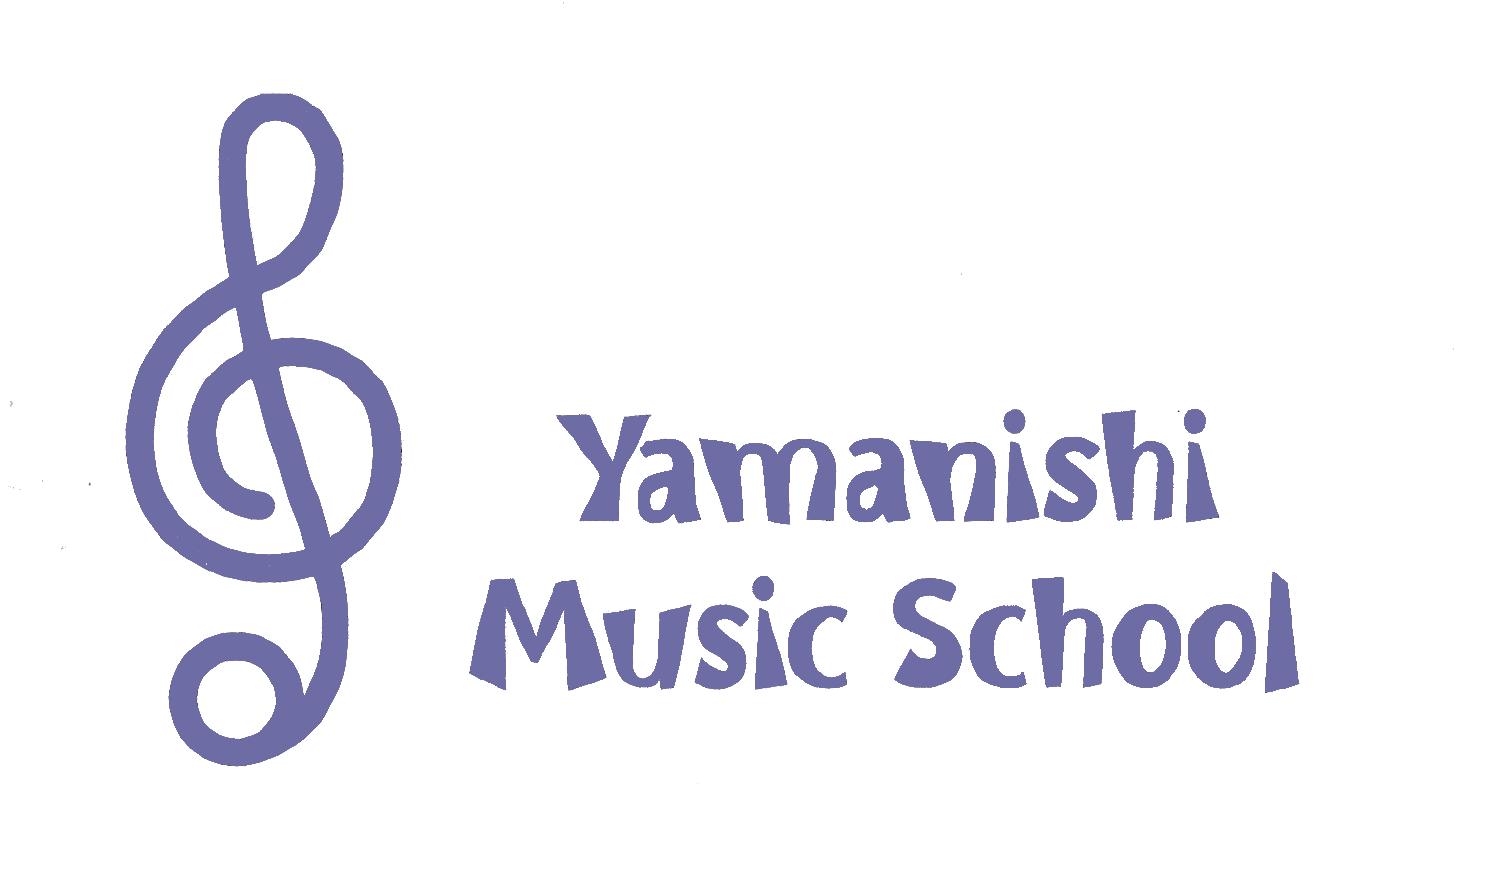 ヤマハ音楽教室 体験レッスンのお知らせ